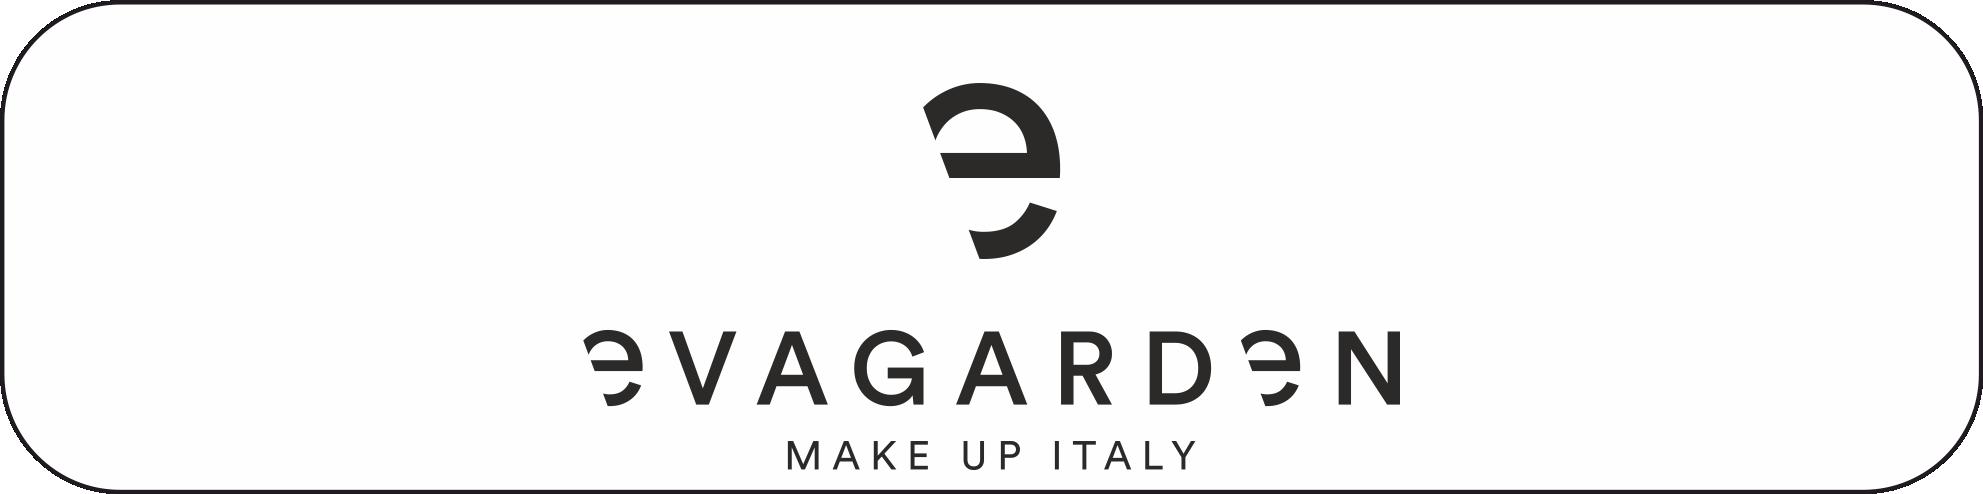 EVAGARDEN MAKE UP ITALY